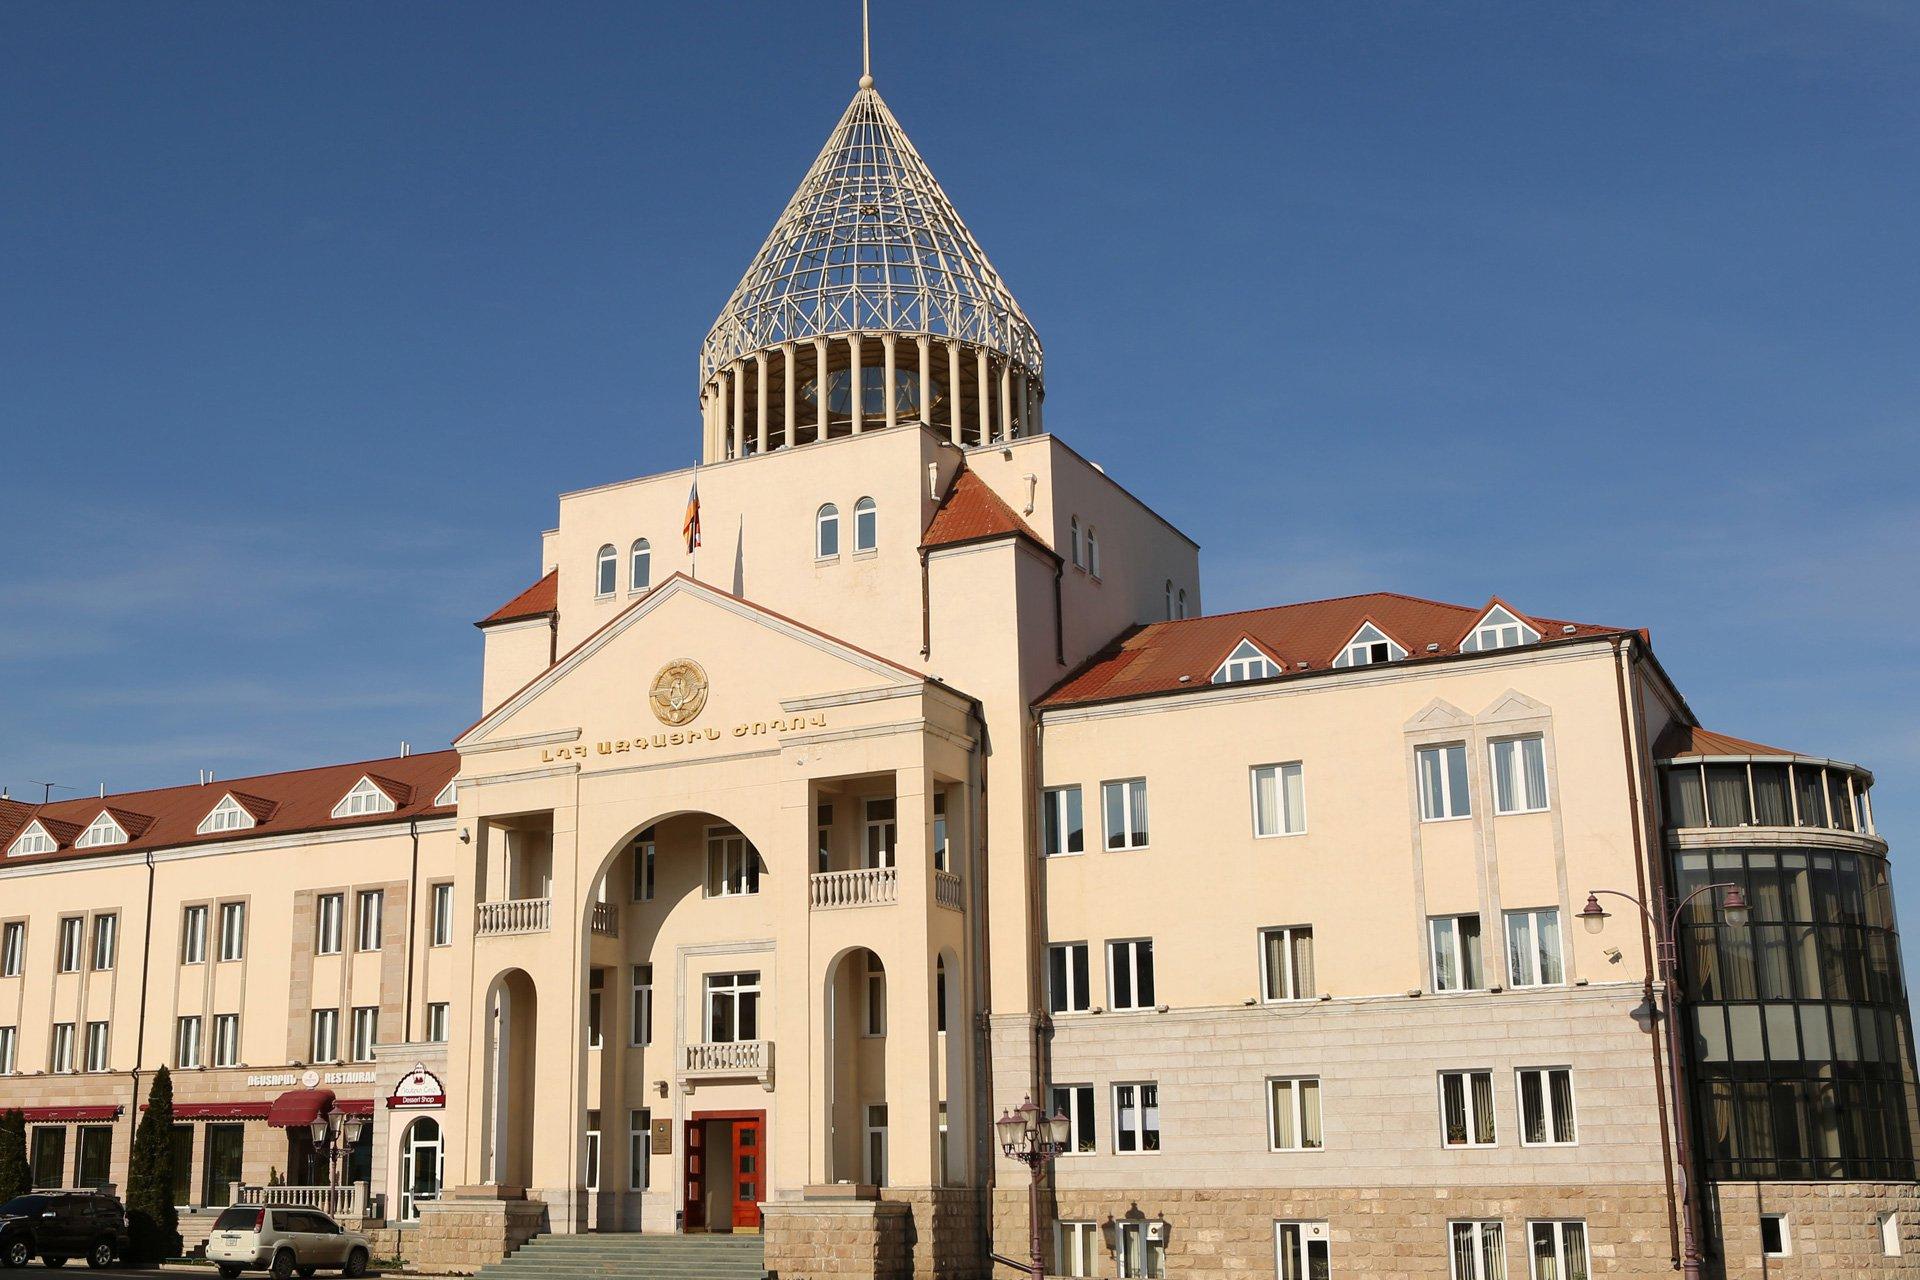 Արցախի Հանրապետության Ազգային ժողովի պատվիրակությունը աշխատանքային այցով գալիս է Երևան